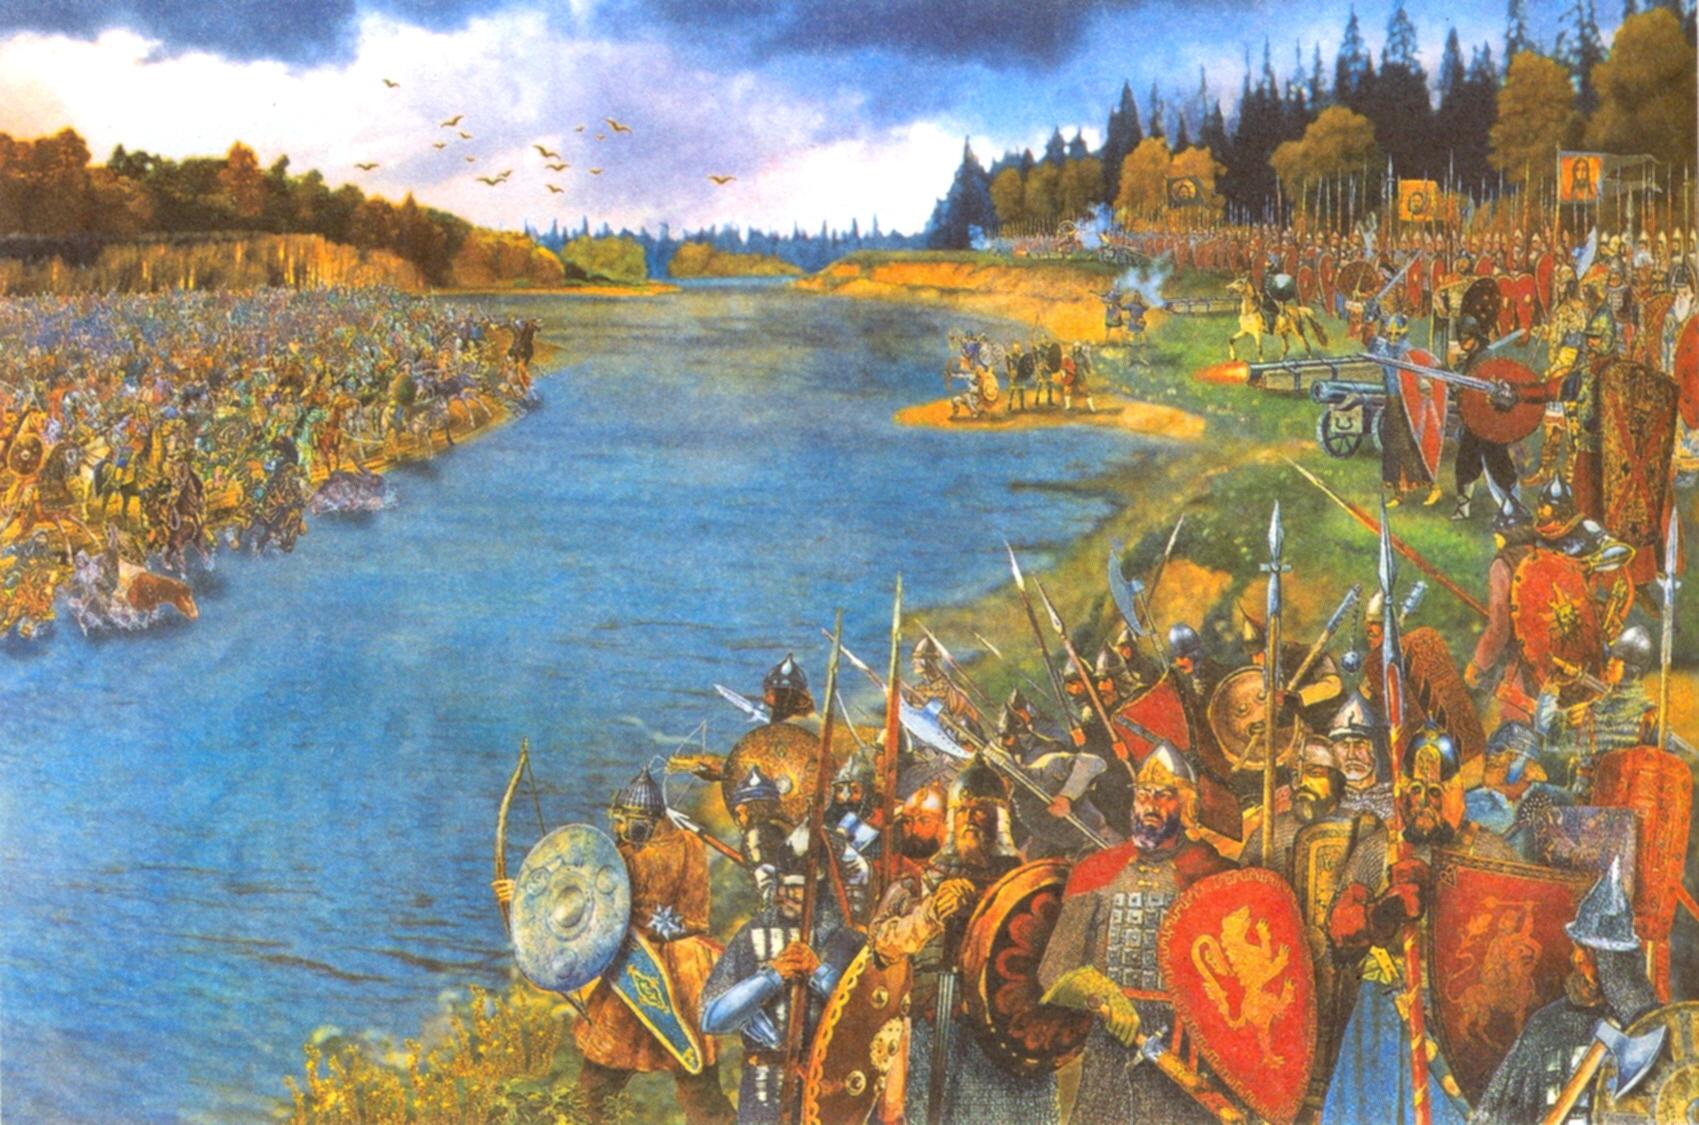 «Стояние на реке Угре» и конец Золотоордынского ига. 1480 г.